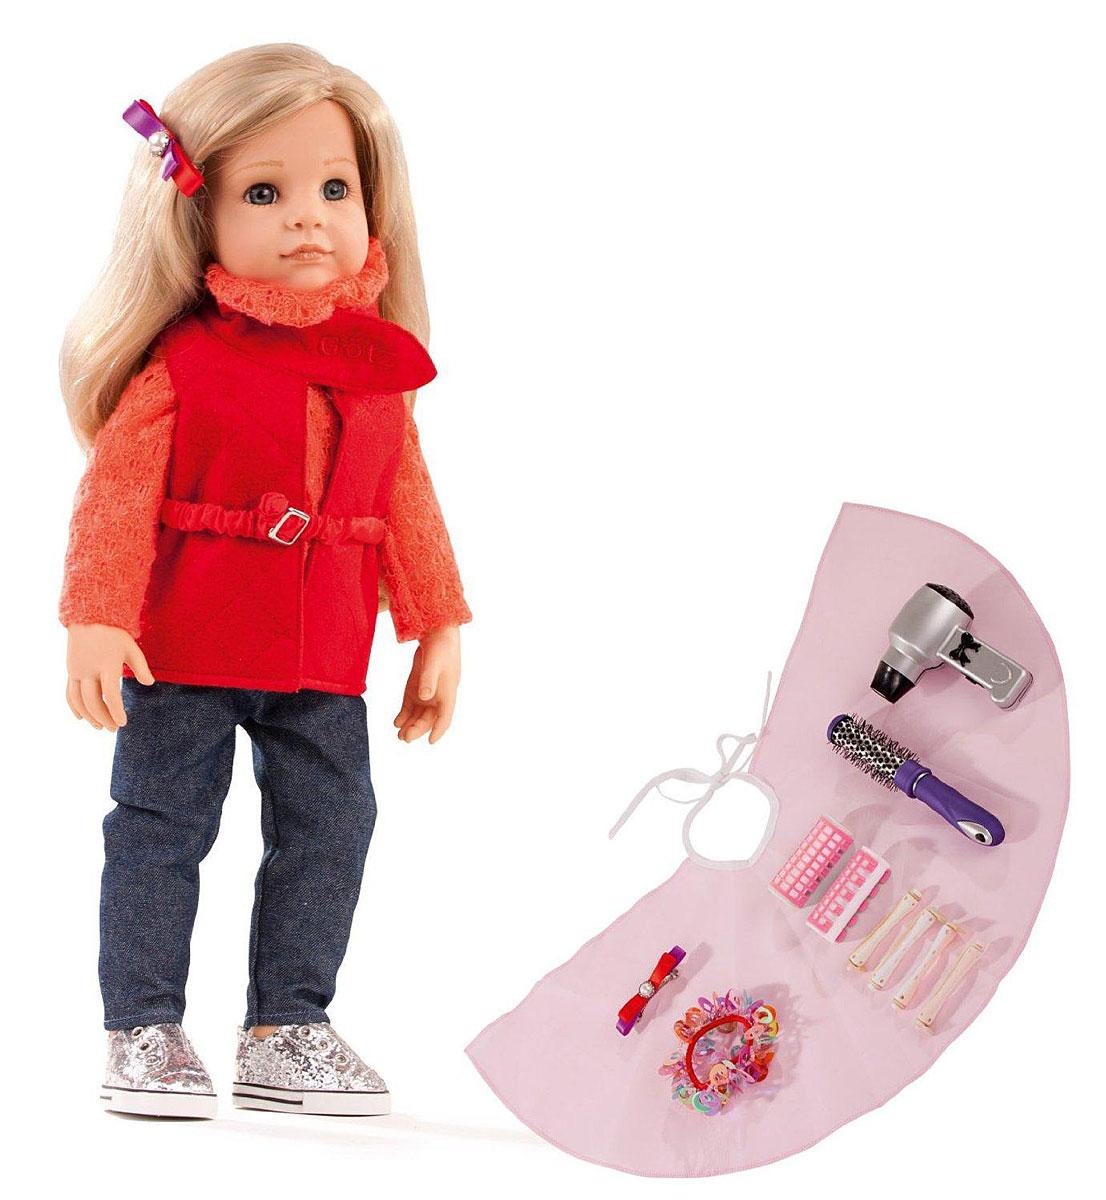 Gotz Игровой набор с куклой Ханна модница gotz кукла ханна модница